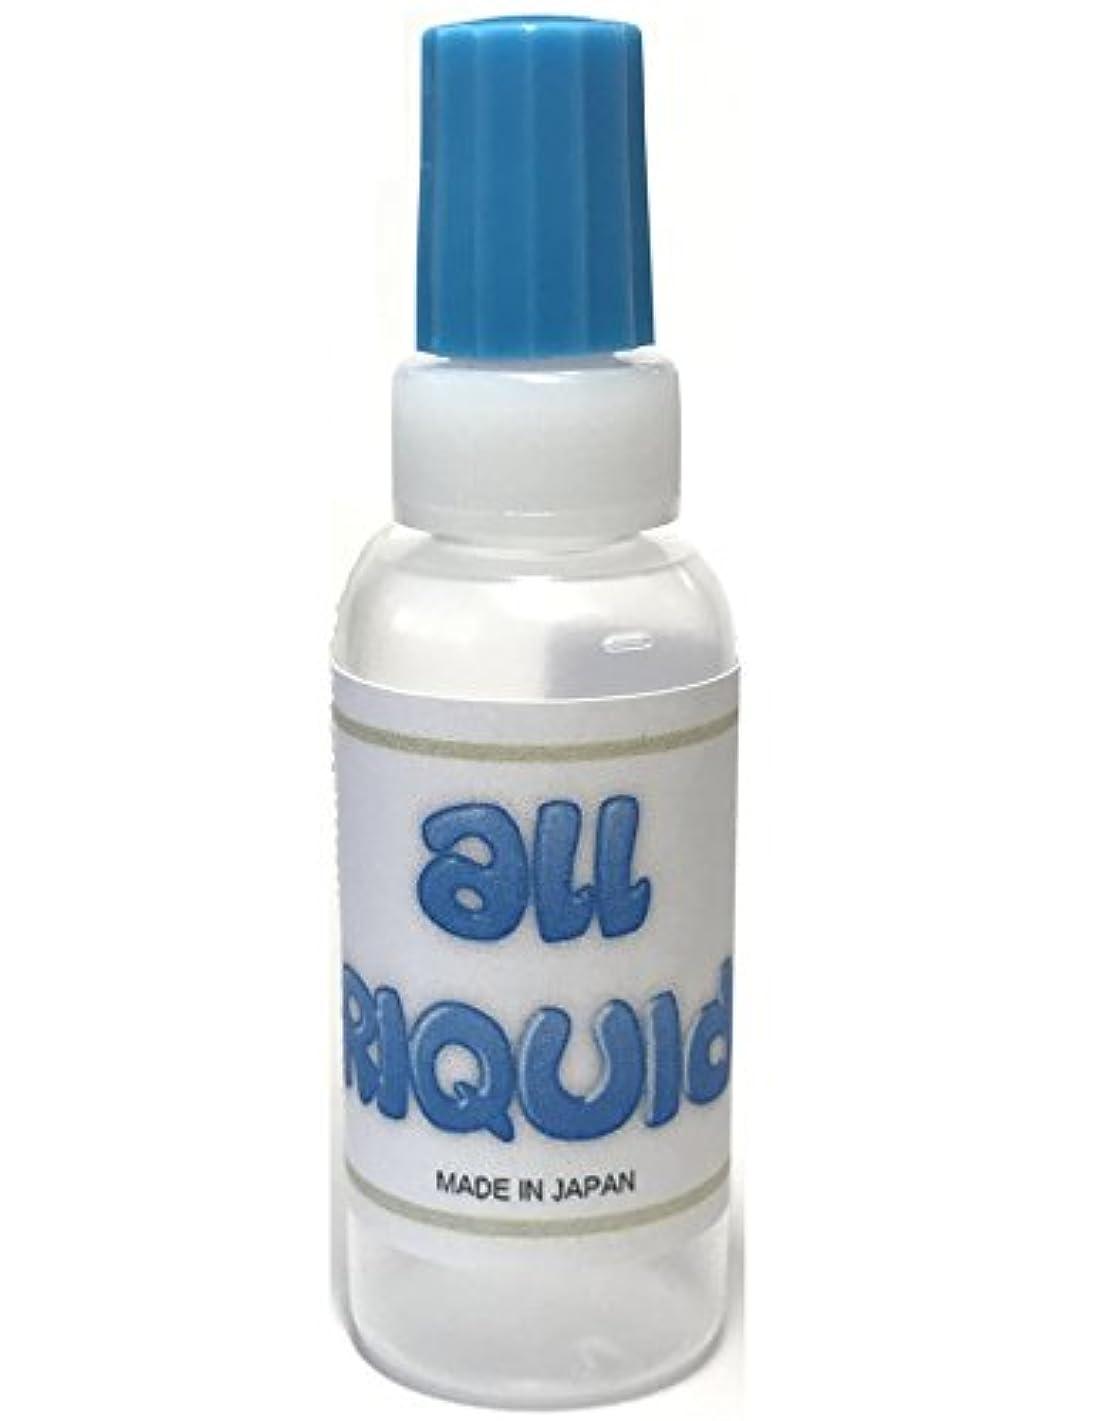 合法迫害するエーカー(ALL LIQUID) 国産 バニラ アロマオイル エッセンシャルオイル 20ml 大容量 ボトル容器